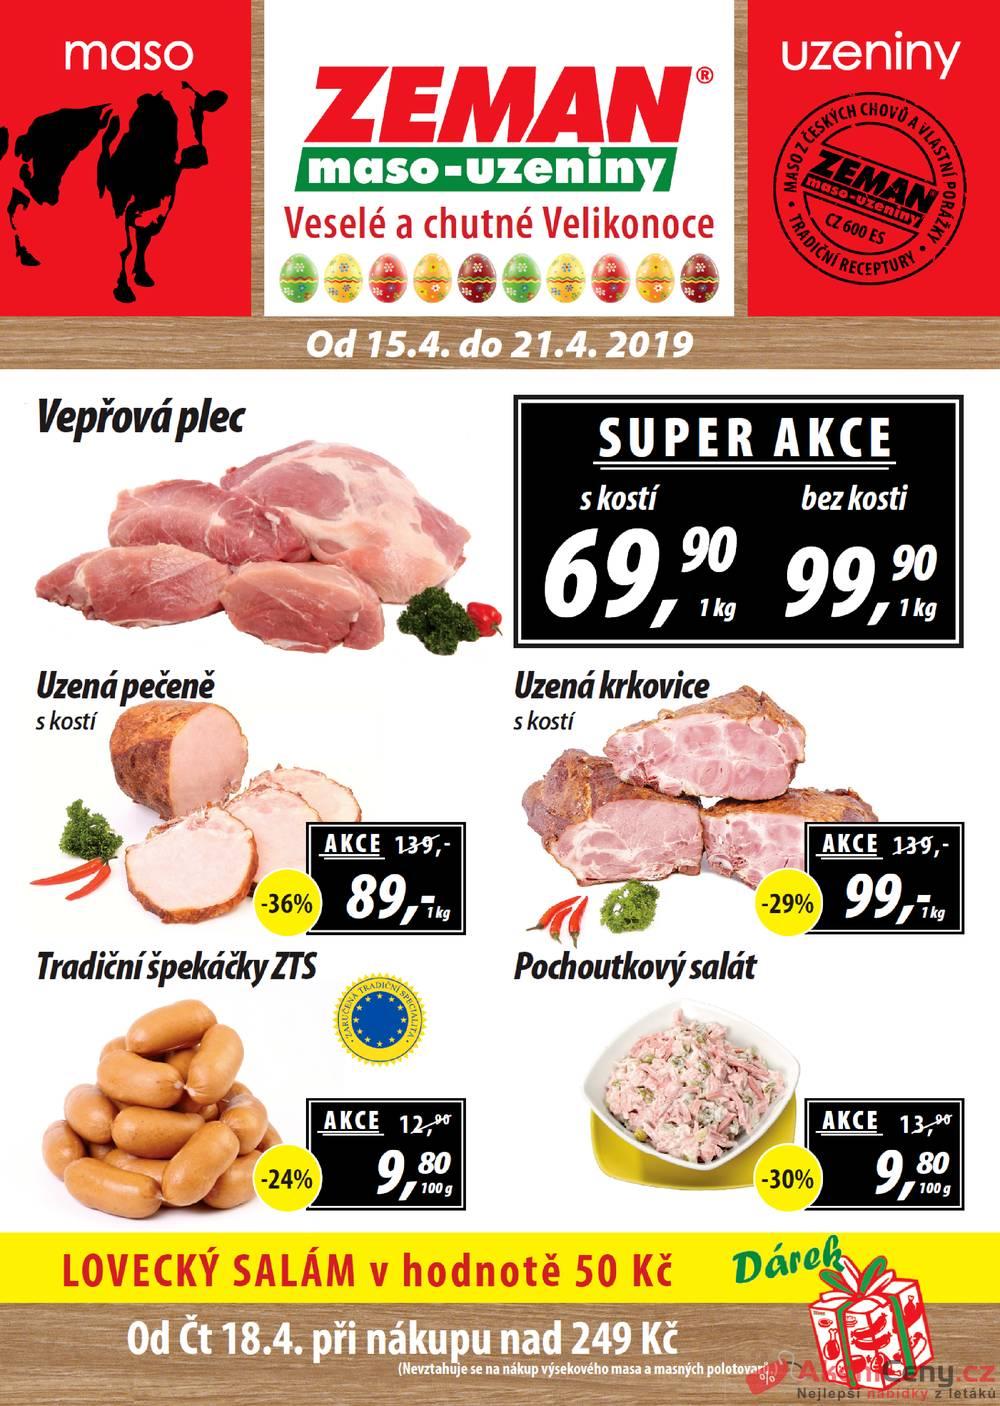 Leták ZEMAN maso-uzeniny - Zeman maso-uzeniny 15.4. - 21.4. první skupina - strana 1